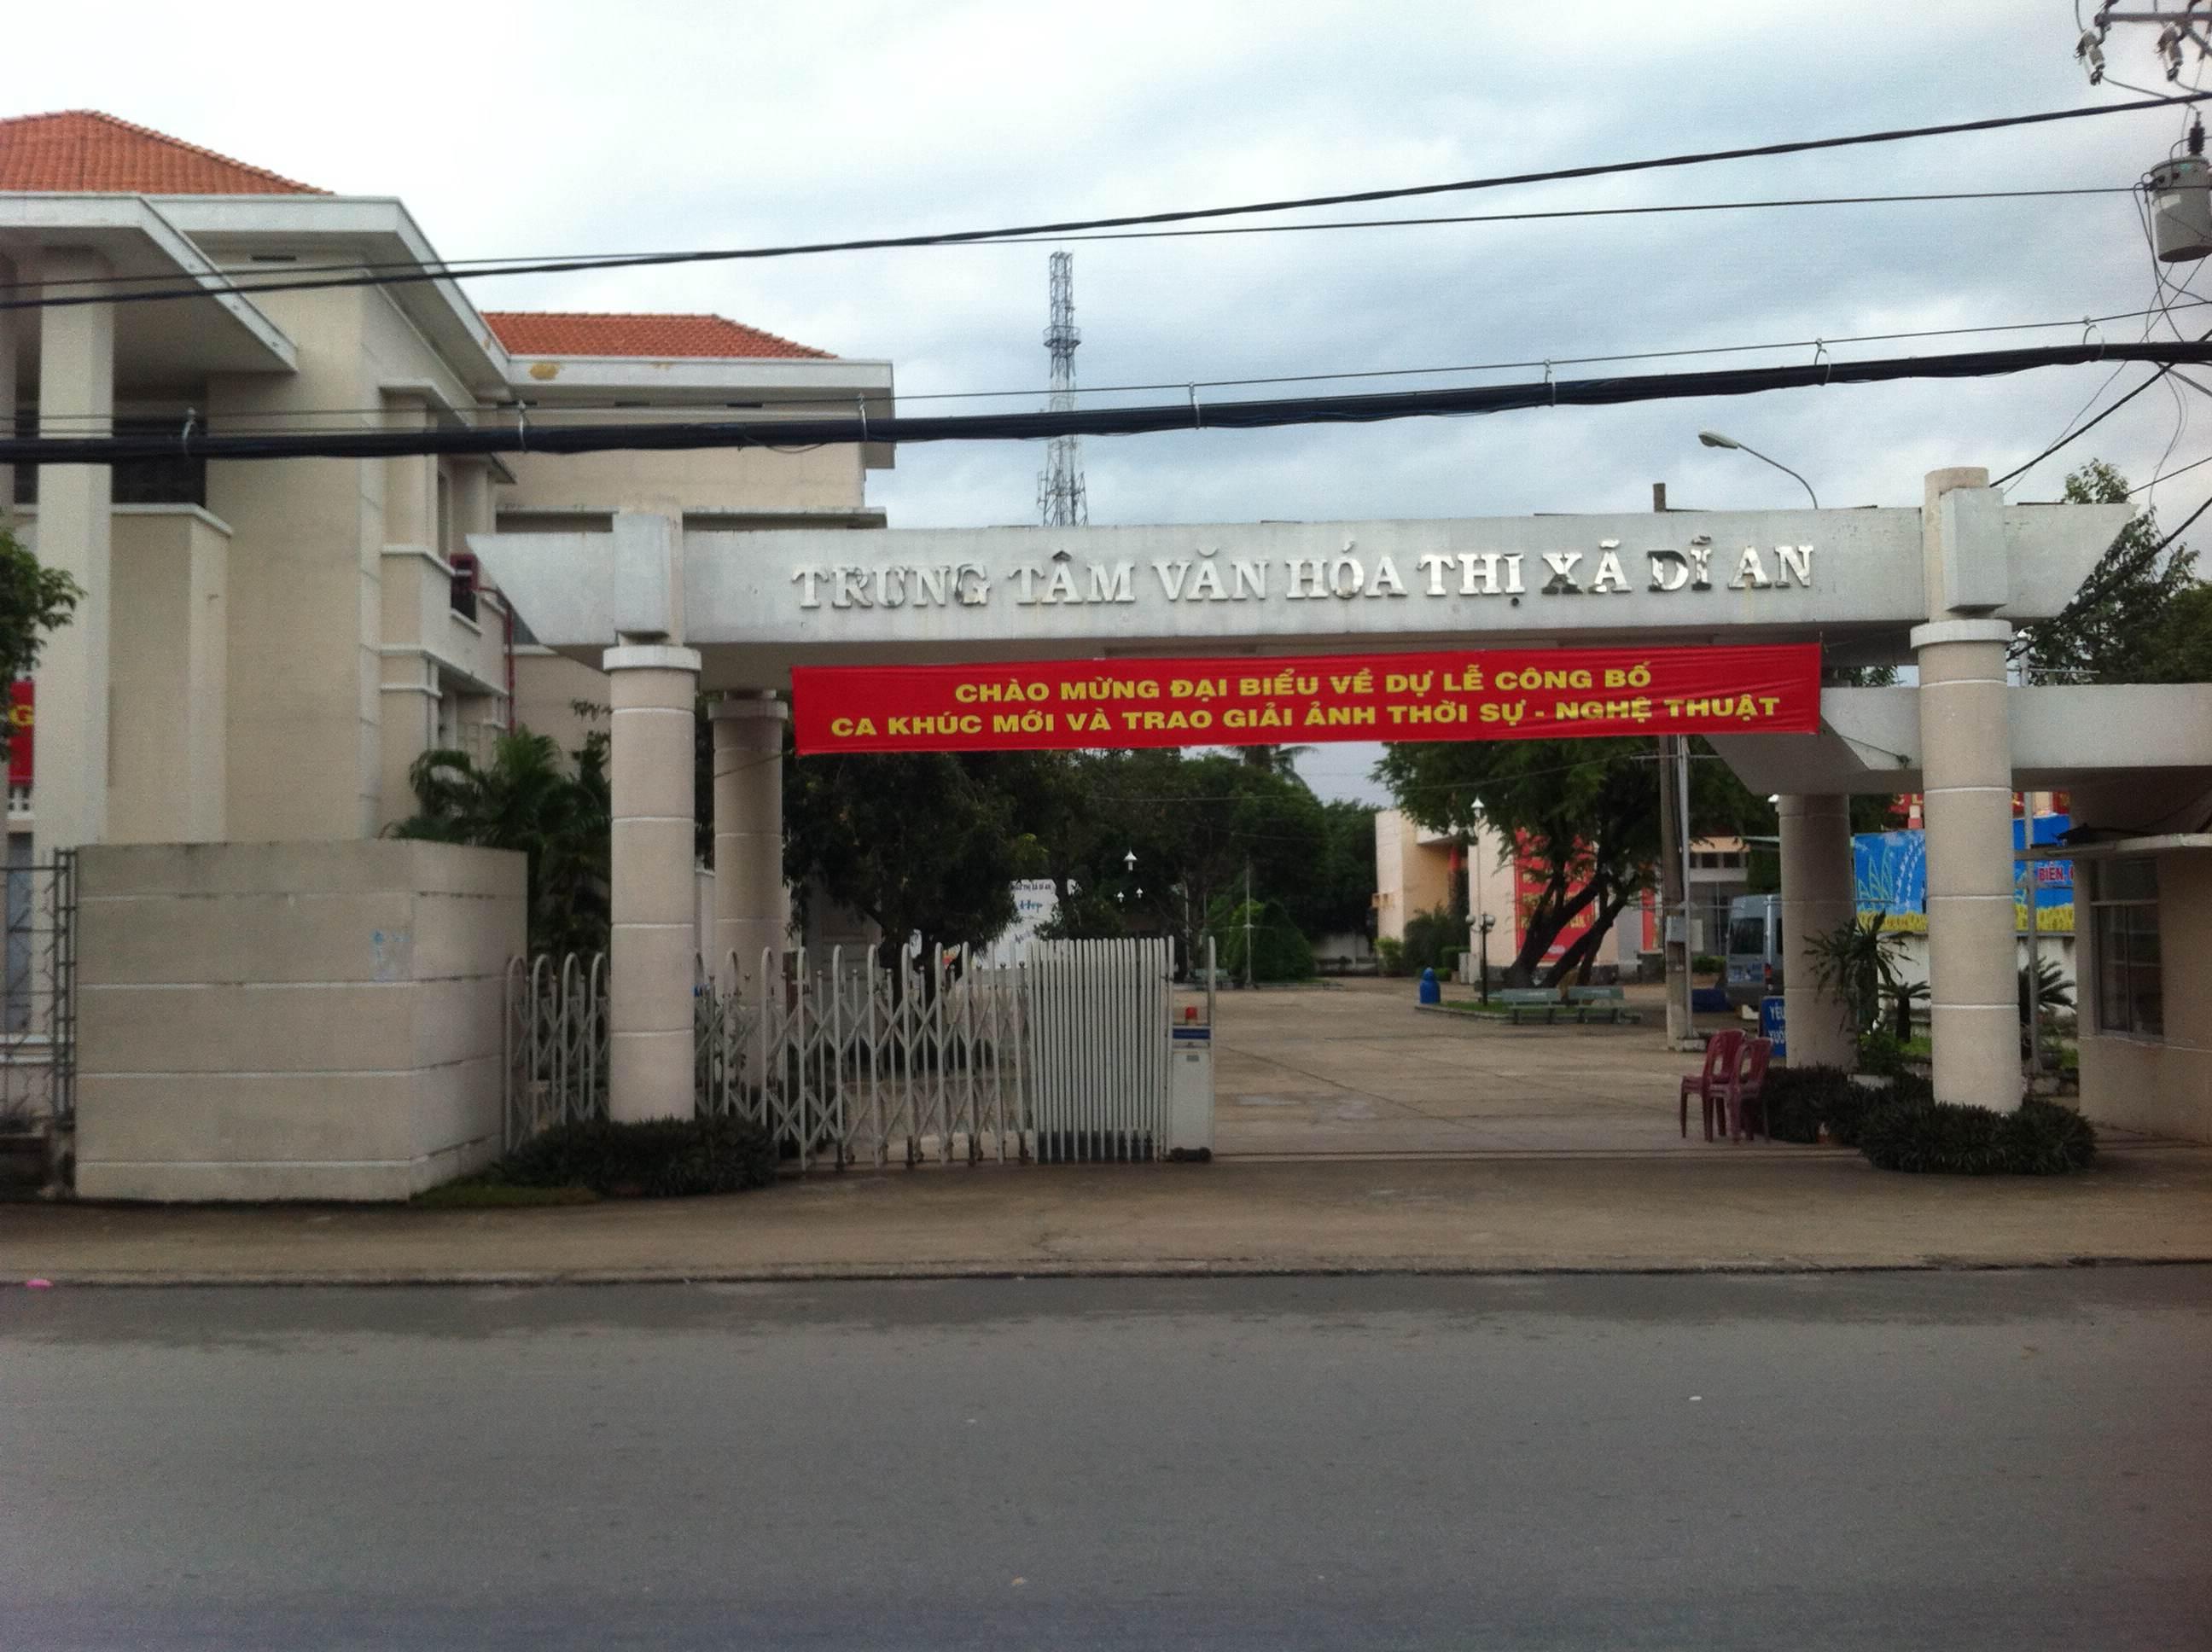 Nhà bán gần trung tâm y tế dĩ an, nhà gần trung tâm văn hòa thị xã dĩ an.